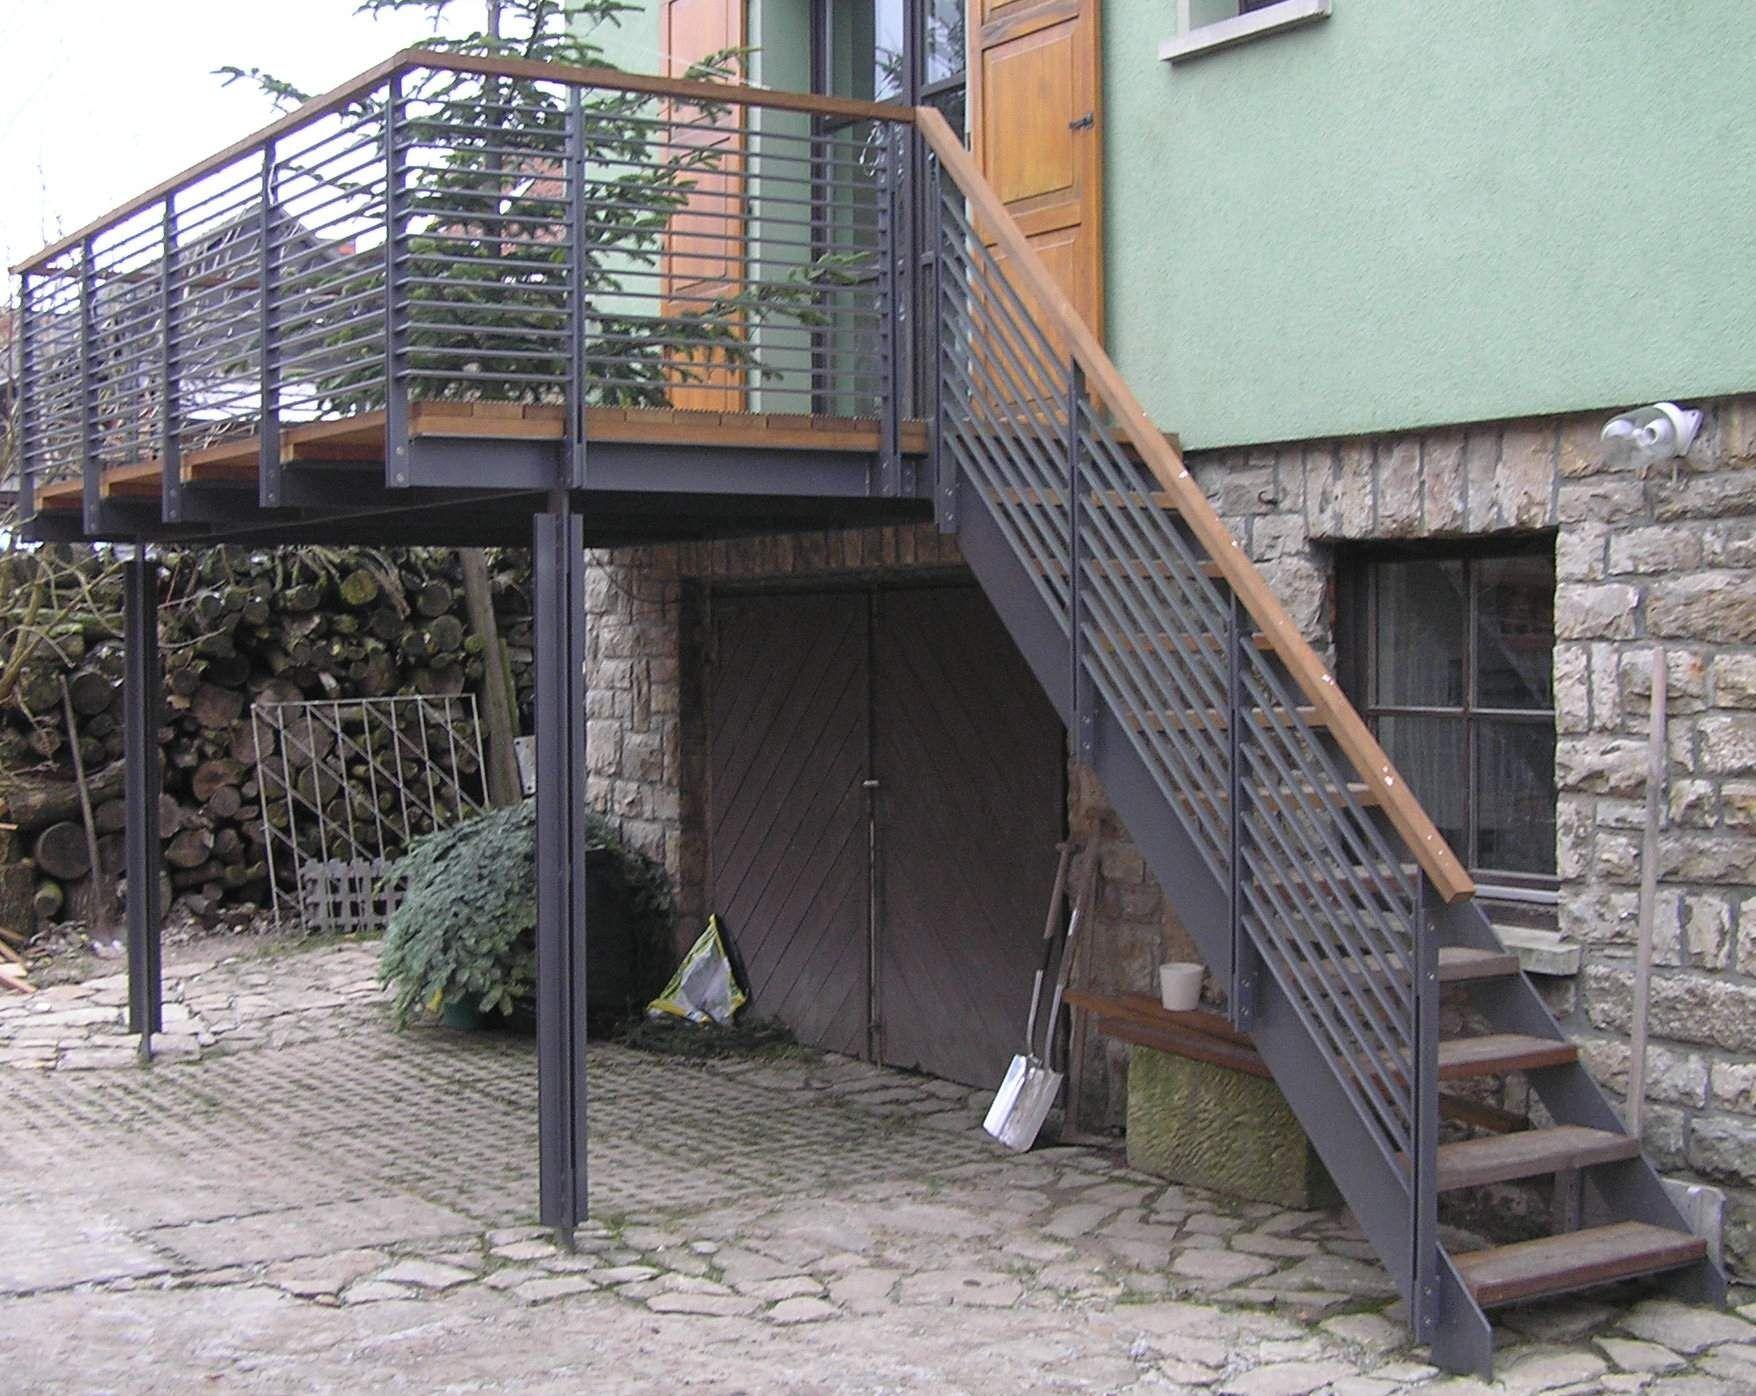 Balkon aus Stahl · Erfurt · Architekturführer Thüringen #hausdekoeingangsbereichaussen